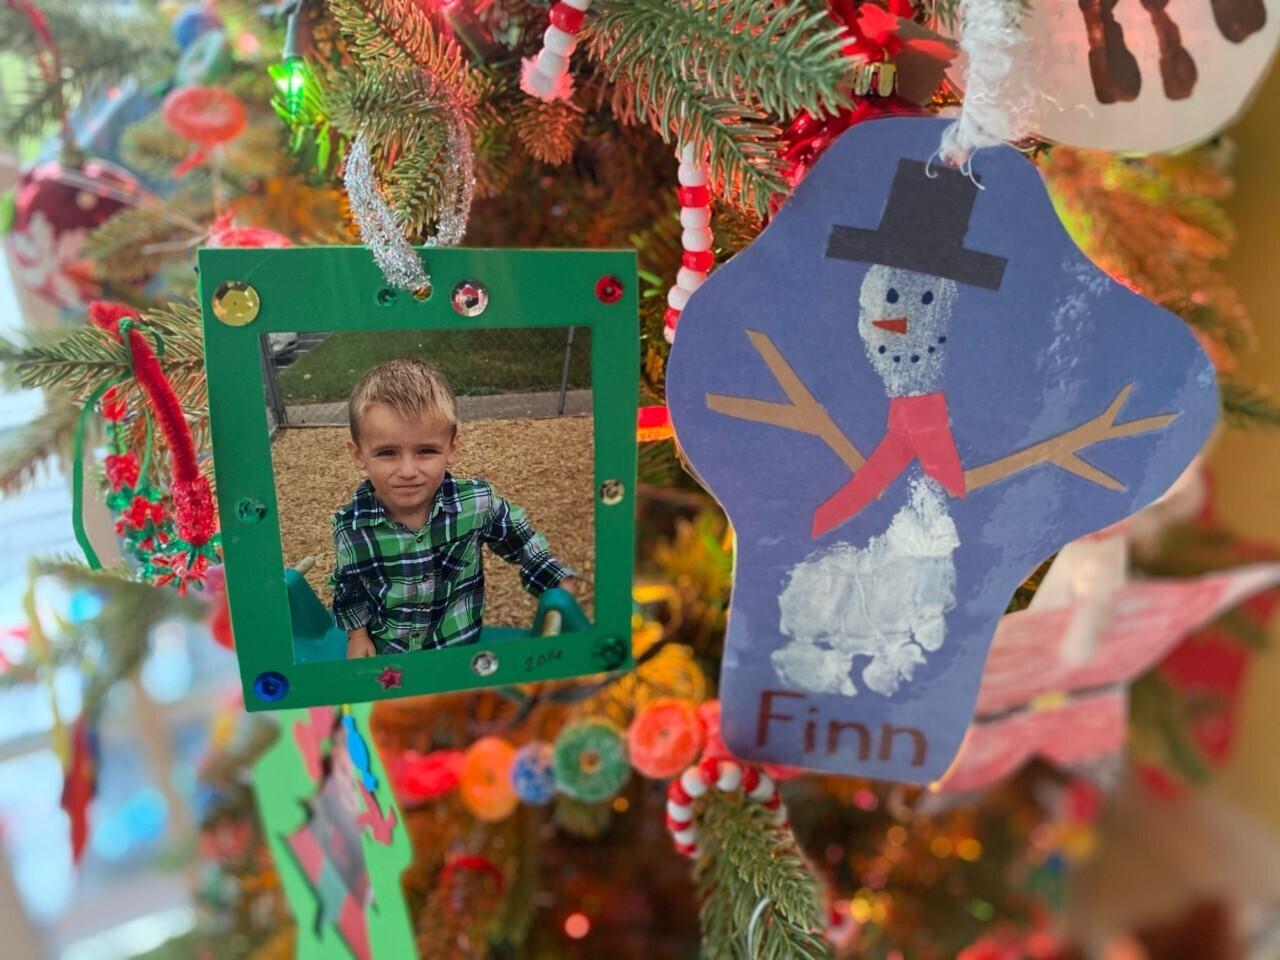 finn_christmas.jpg